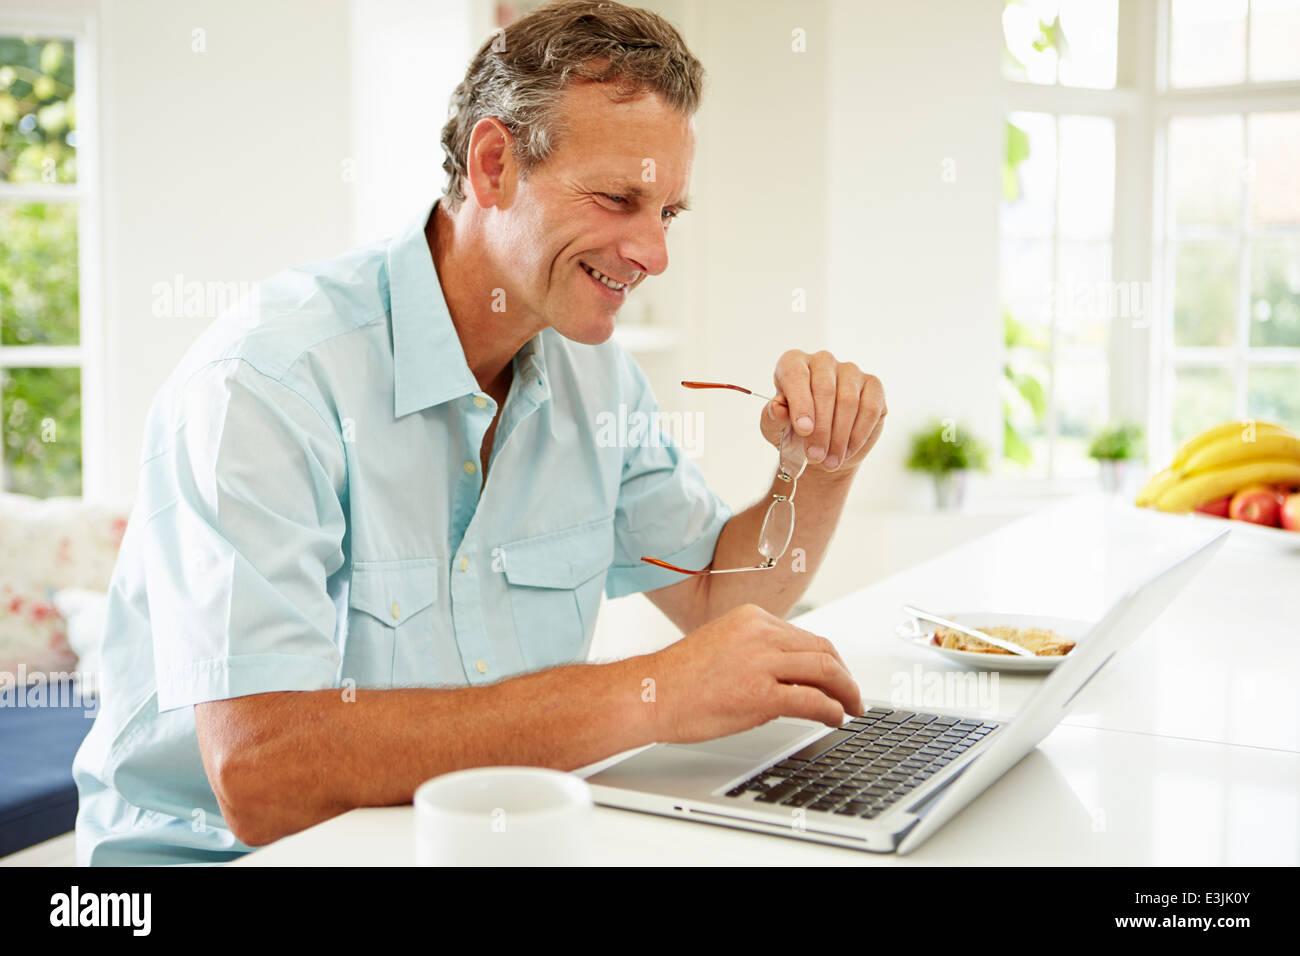 Im mittleren Alter Mann mit Laptop beim Frühstück Stockbild